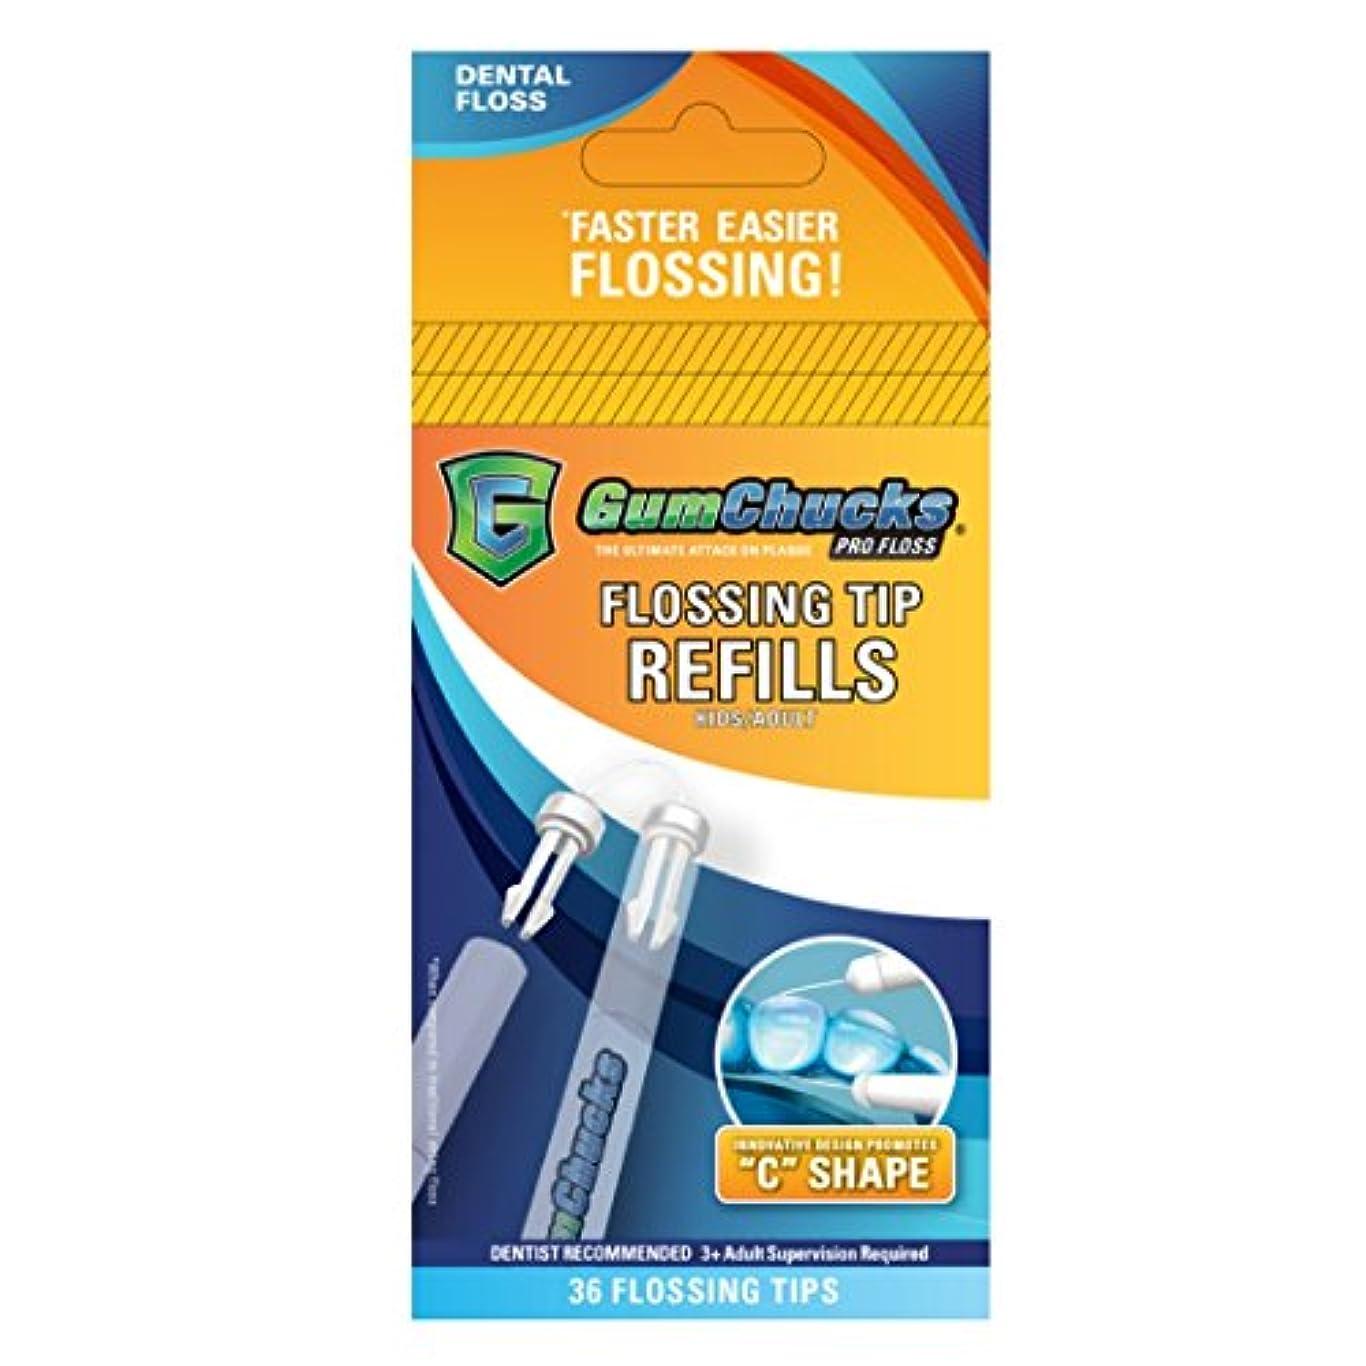 膨らませる教え残高クロスフィールド ガムチャックス リフィルパック 36本入 × 1個 フロス/歯間清掃